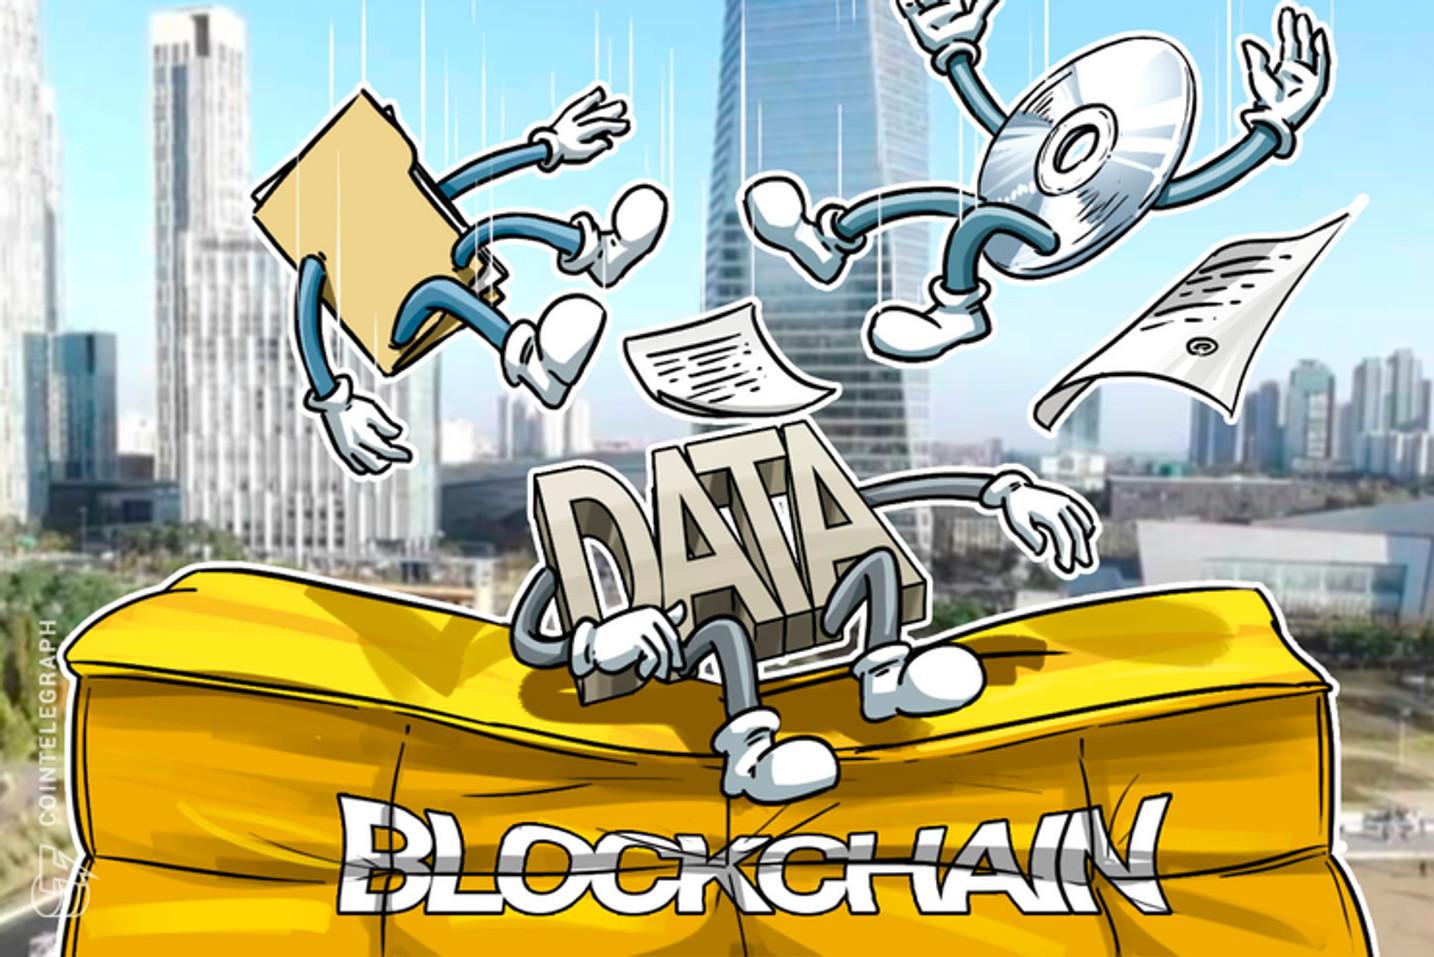 La plataforma Wibson, que utiliza blockchain para comercializar datos personales, ya tiene miles de usuarios en Latinoamérica